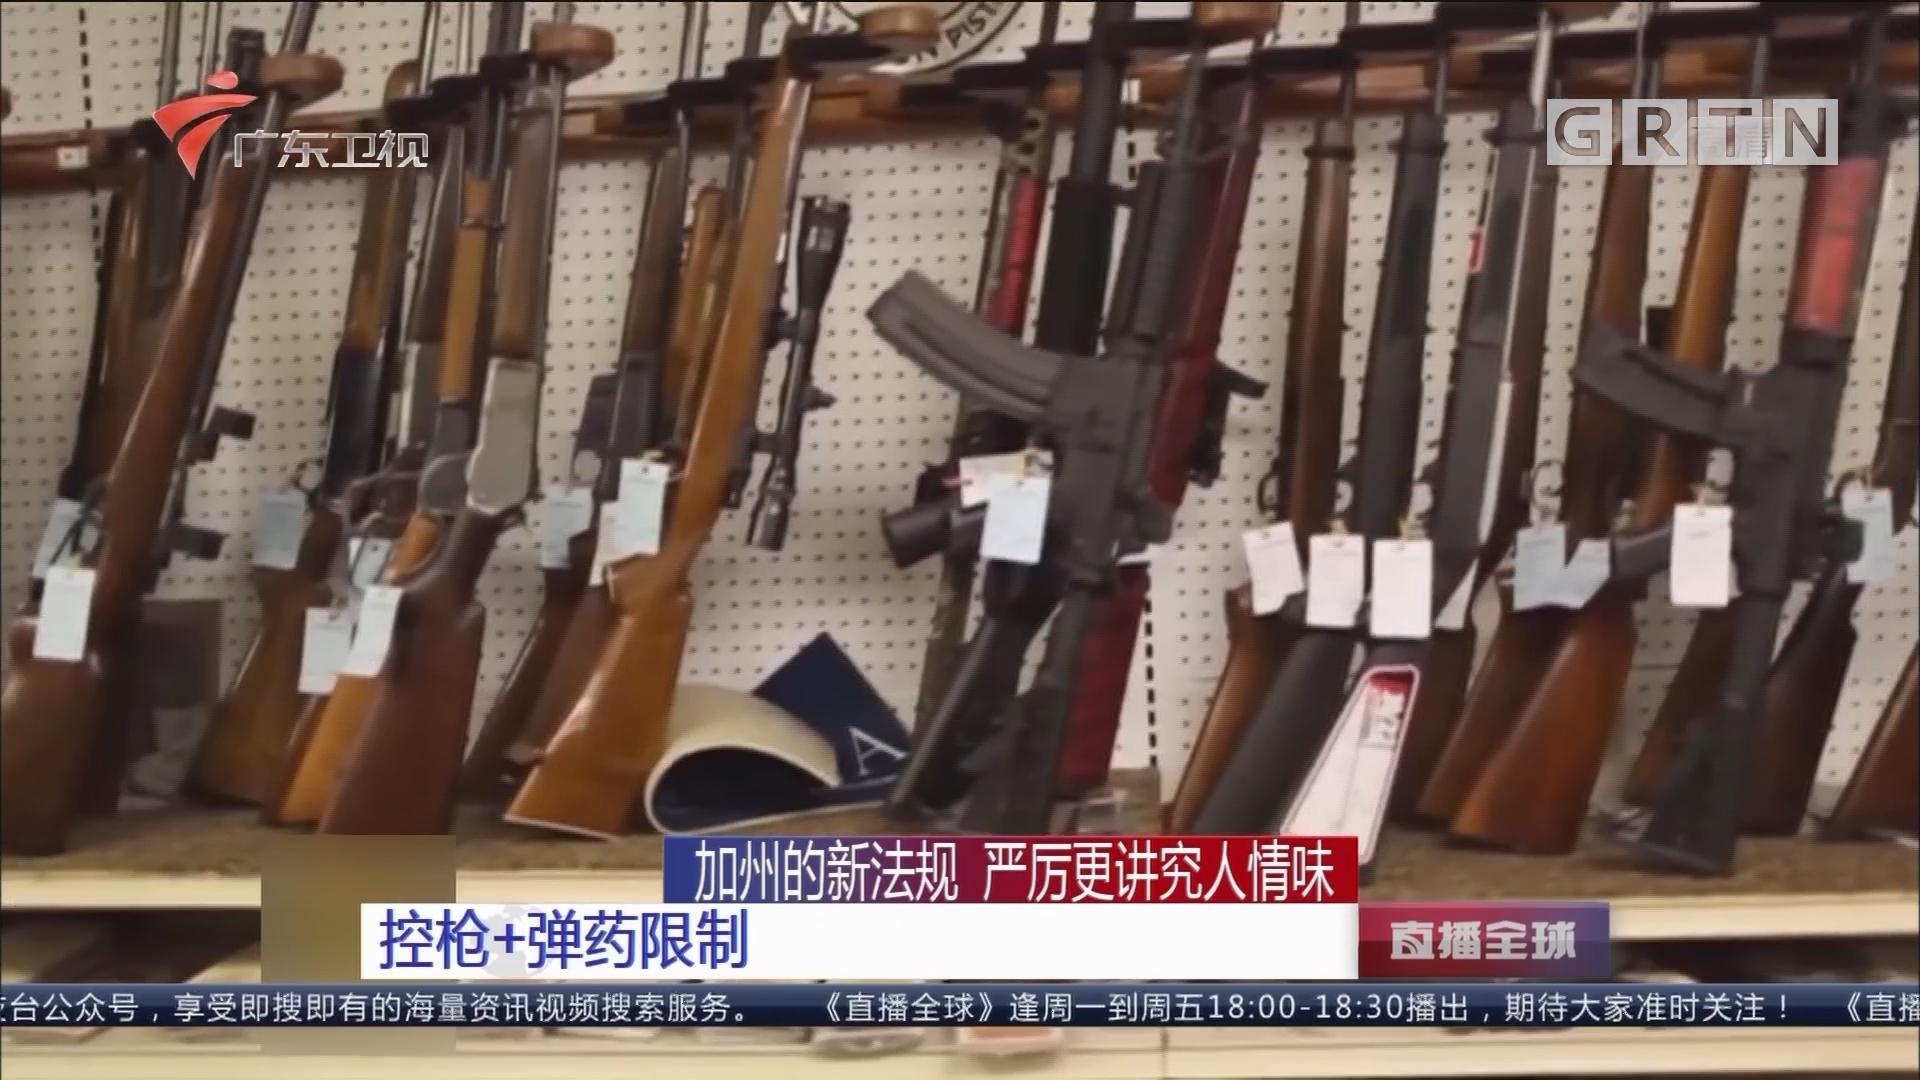 加州的新法规 严厉更讲究人情味:控枪+弹药限制